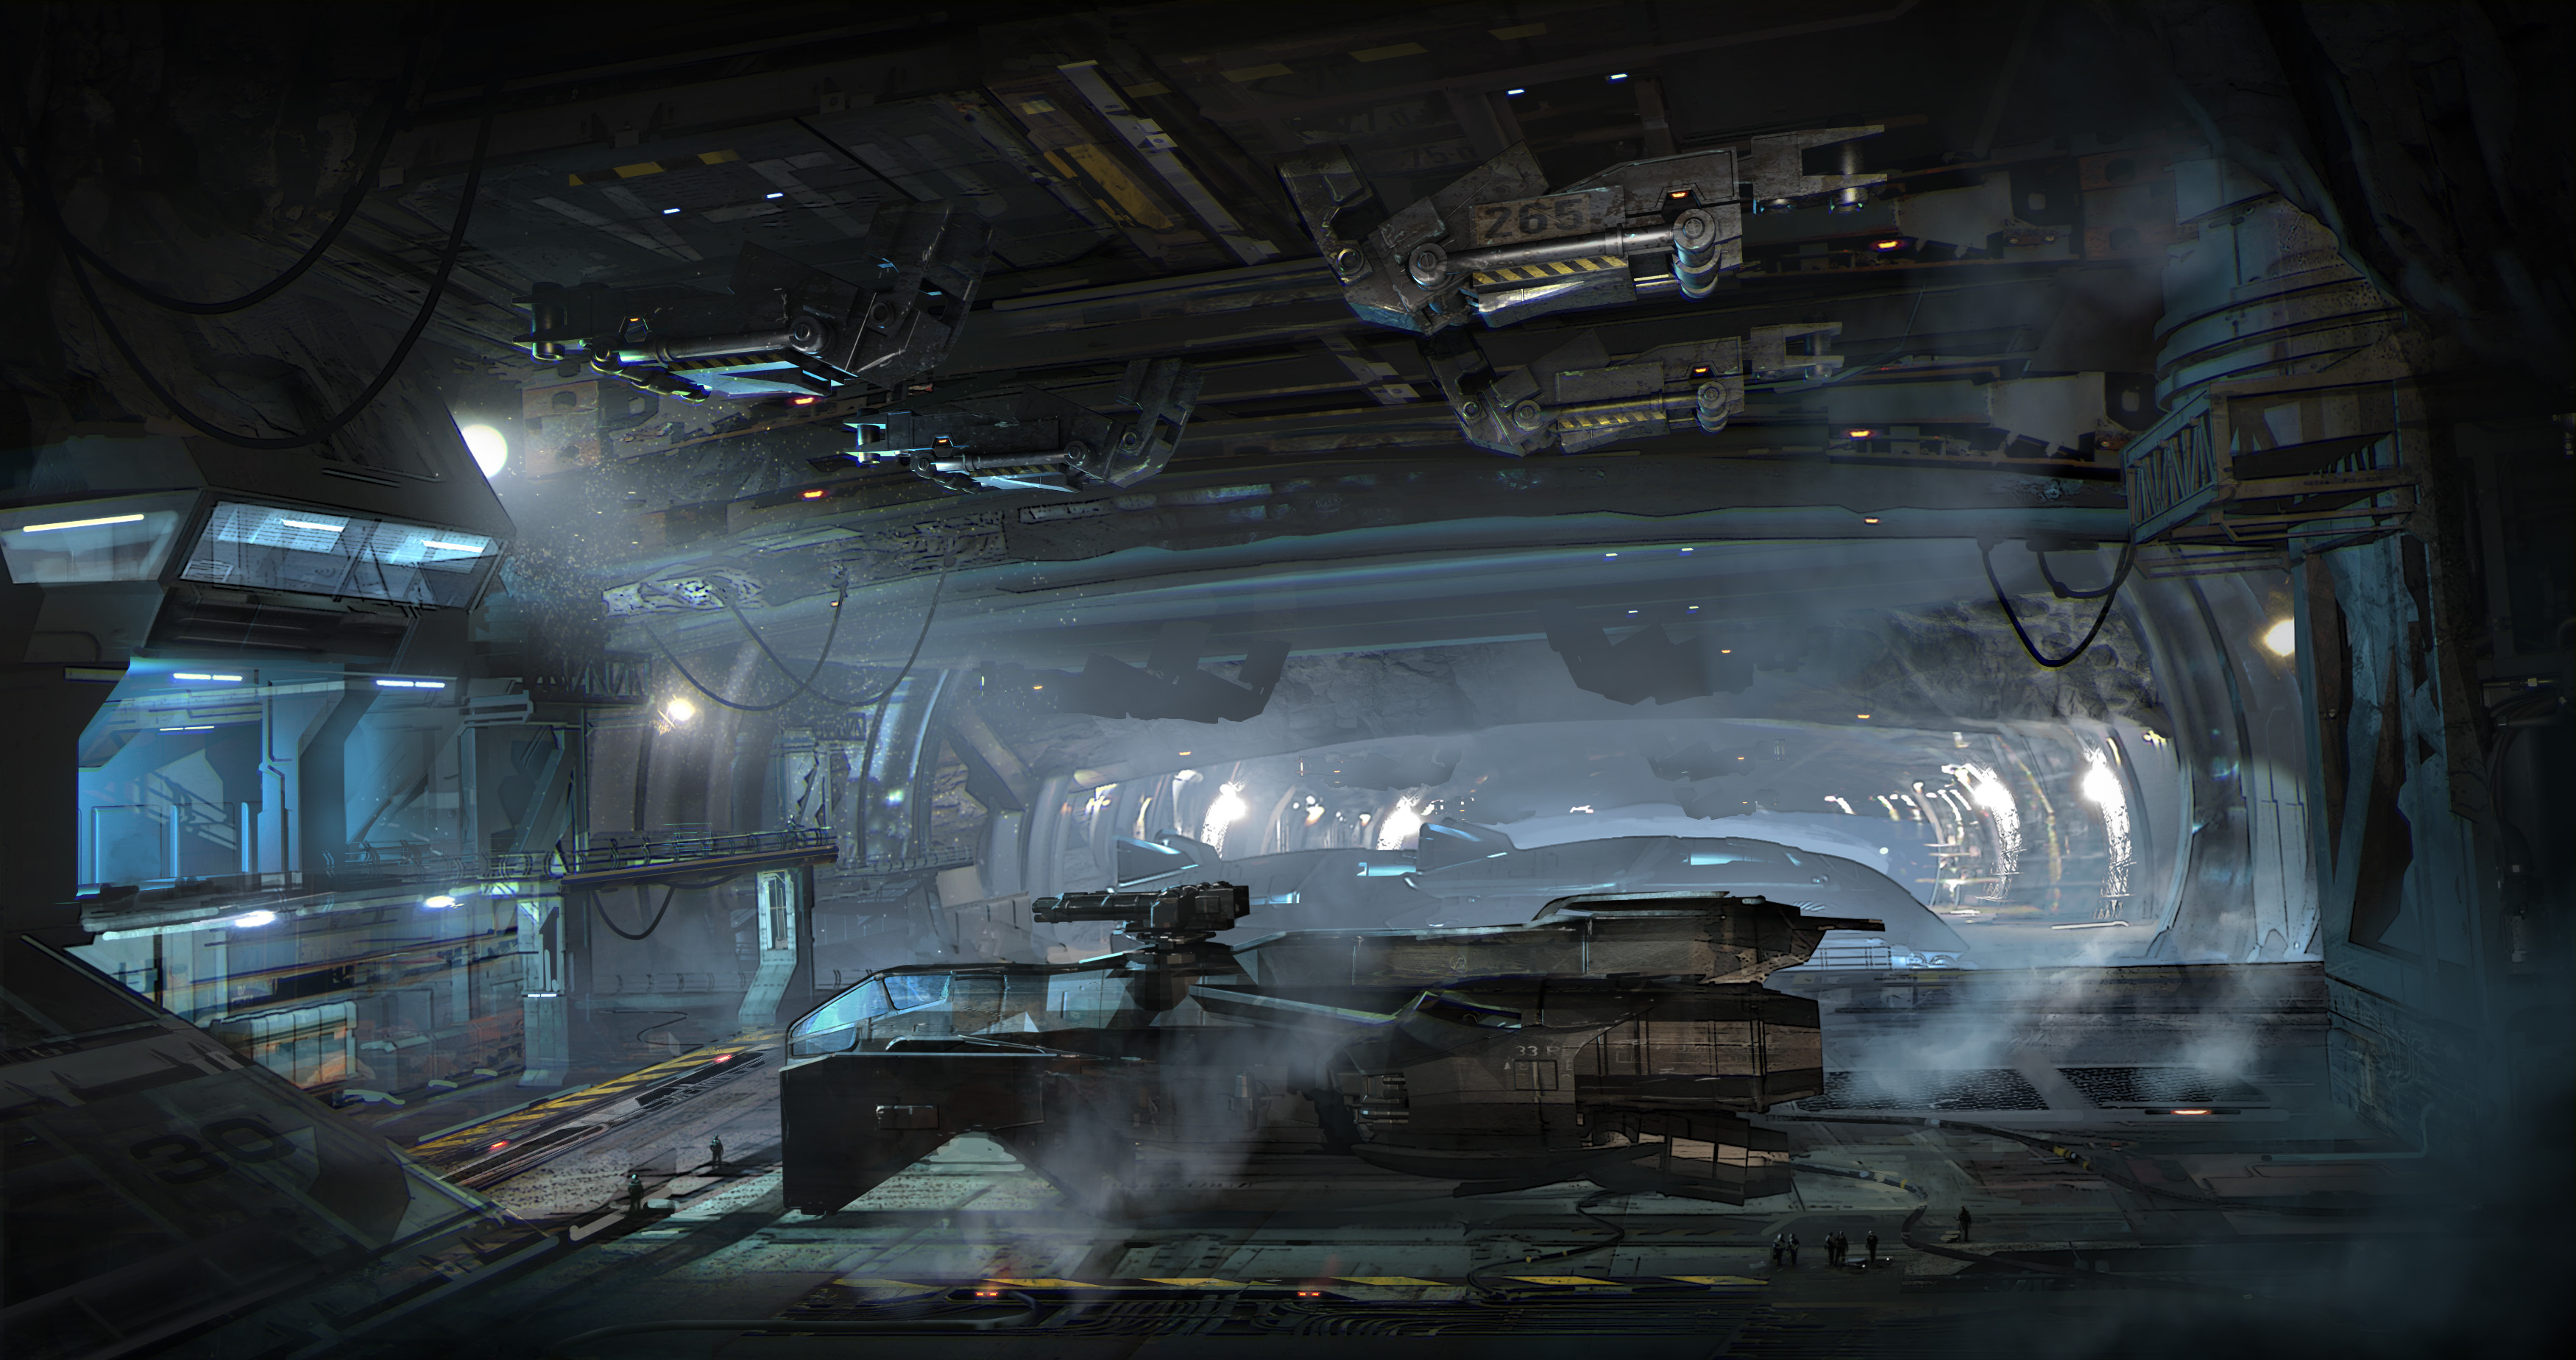 NF_Asteroid-Hangar_Speedpainting_02high.